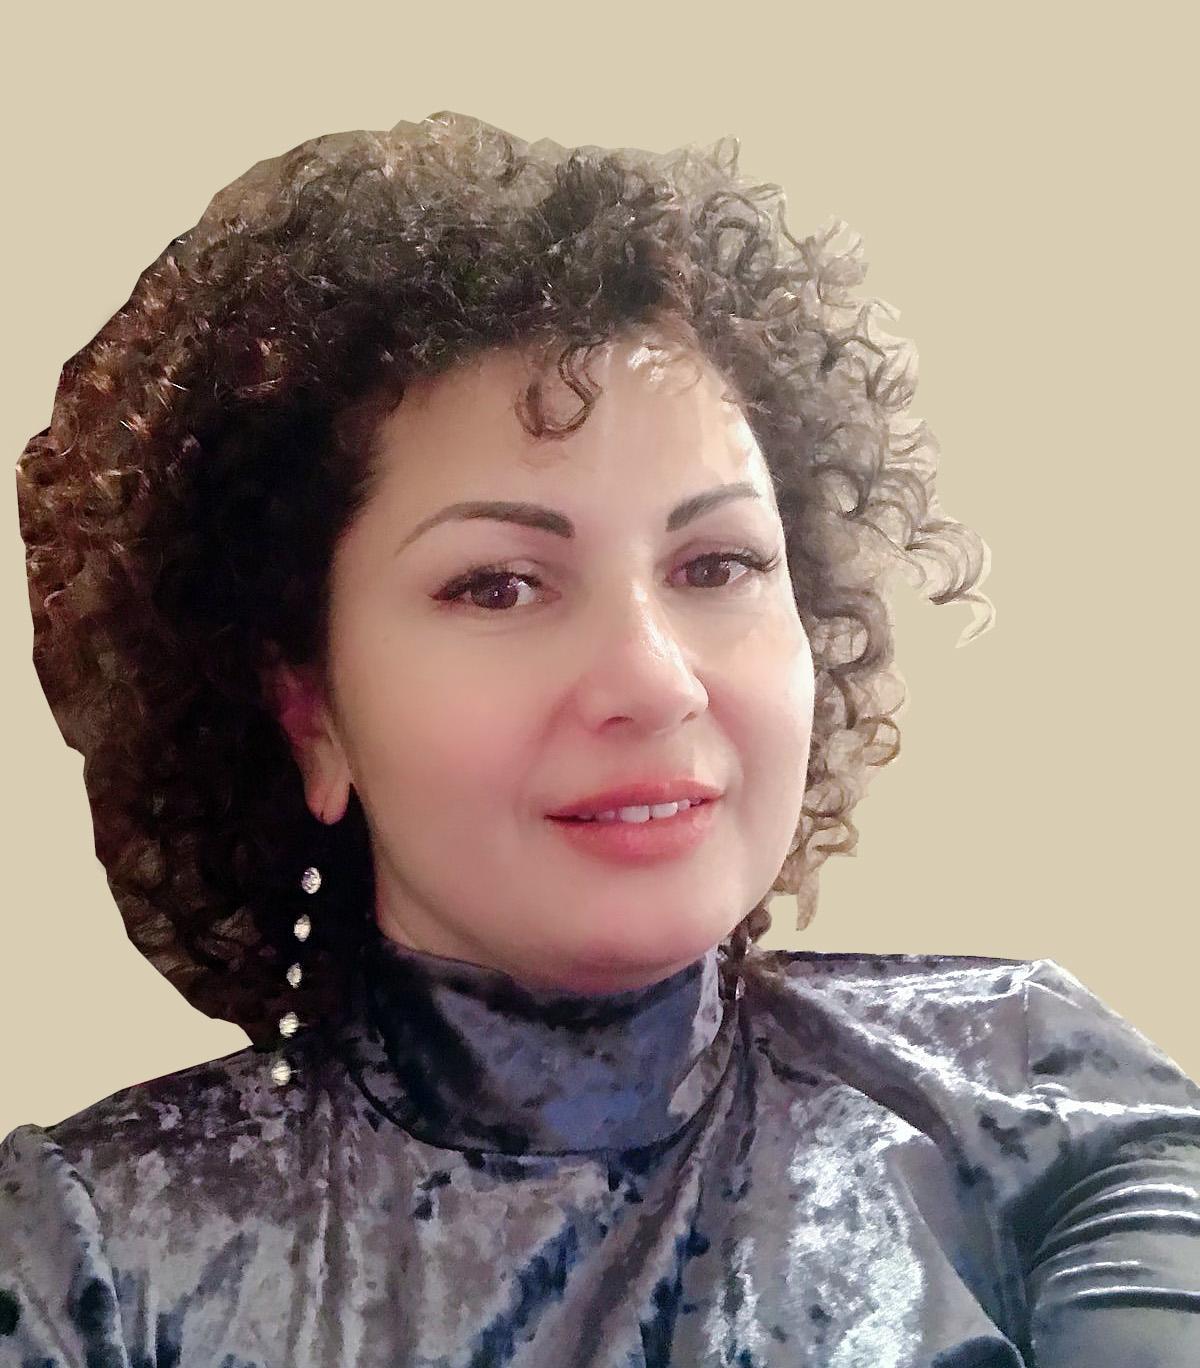 Науменко Наталья Петровна – практикующий психолог, гипнотерапевт